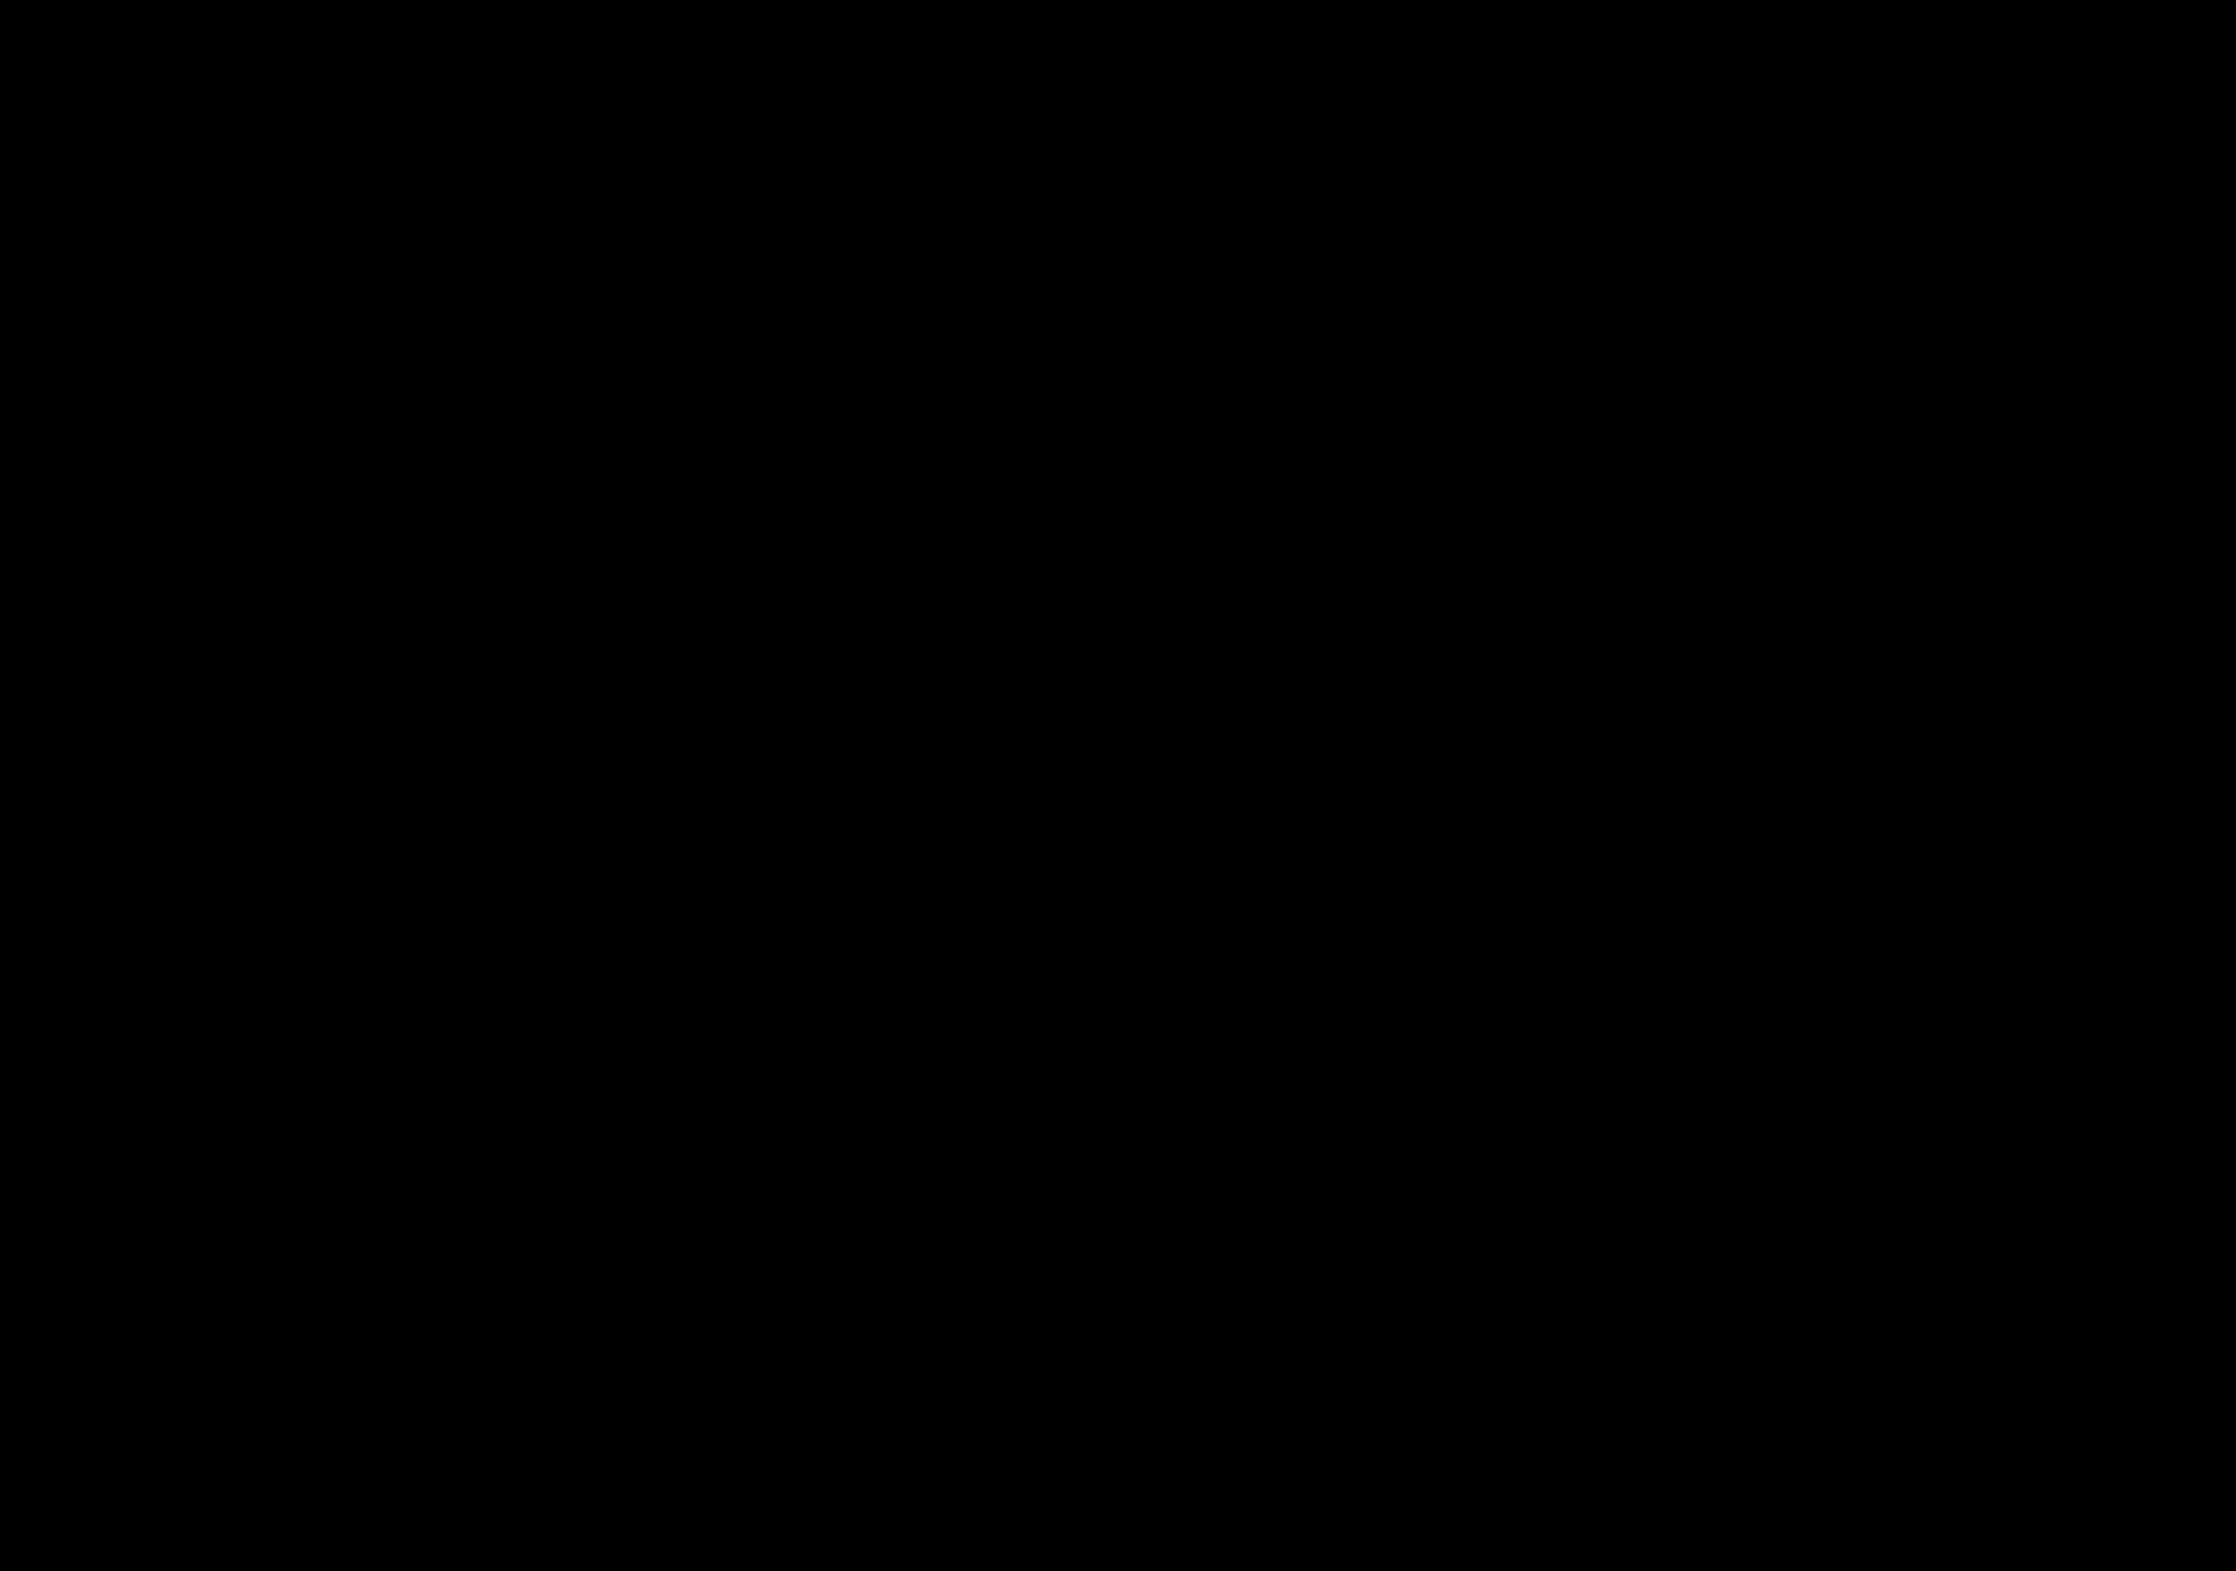 Tris[4-(5-dicyanomethylidenemethyl-2-thienyl)phenyl]amine